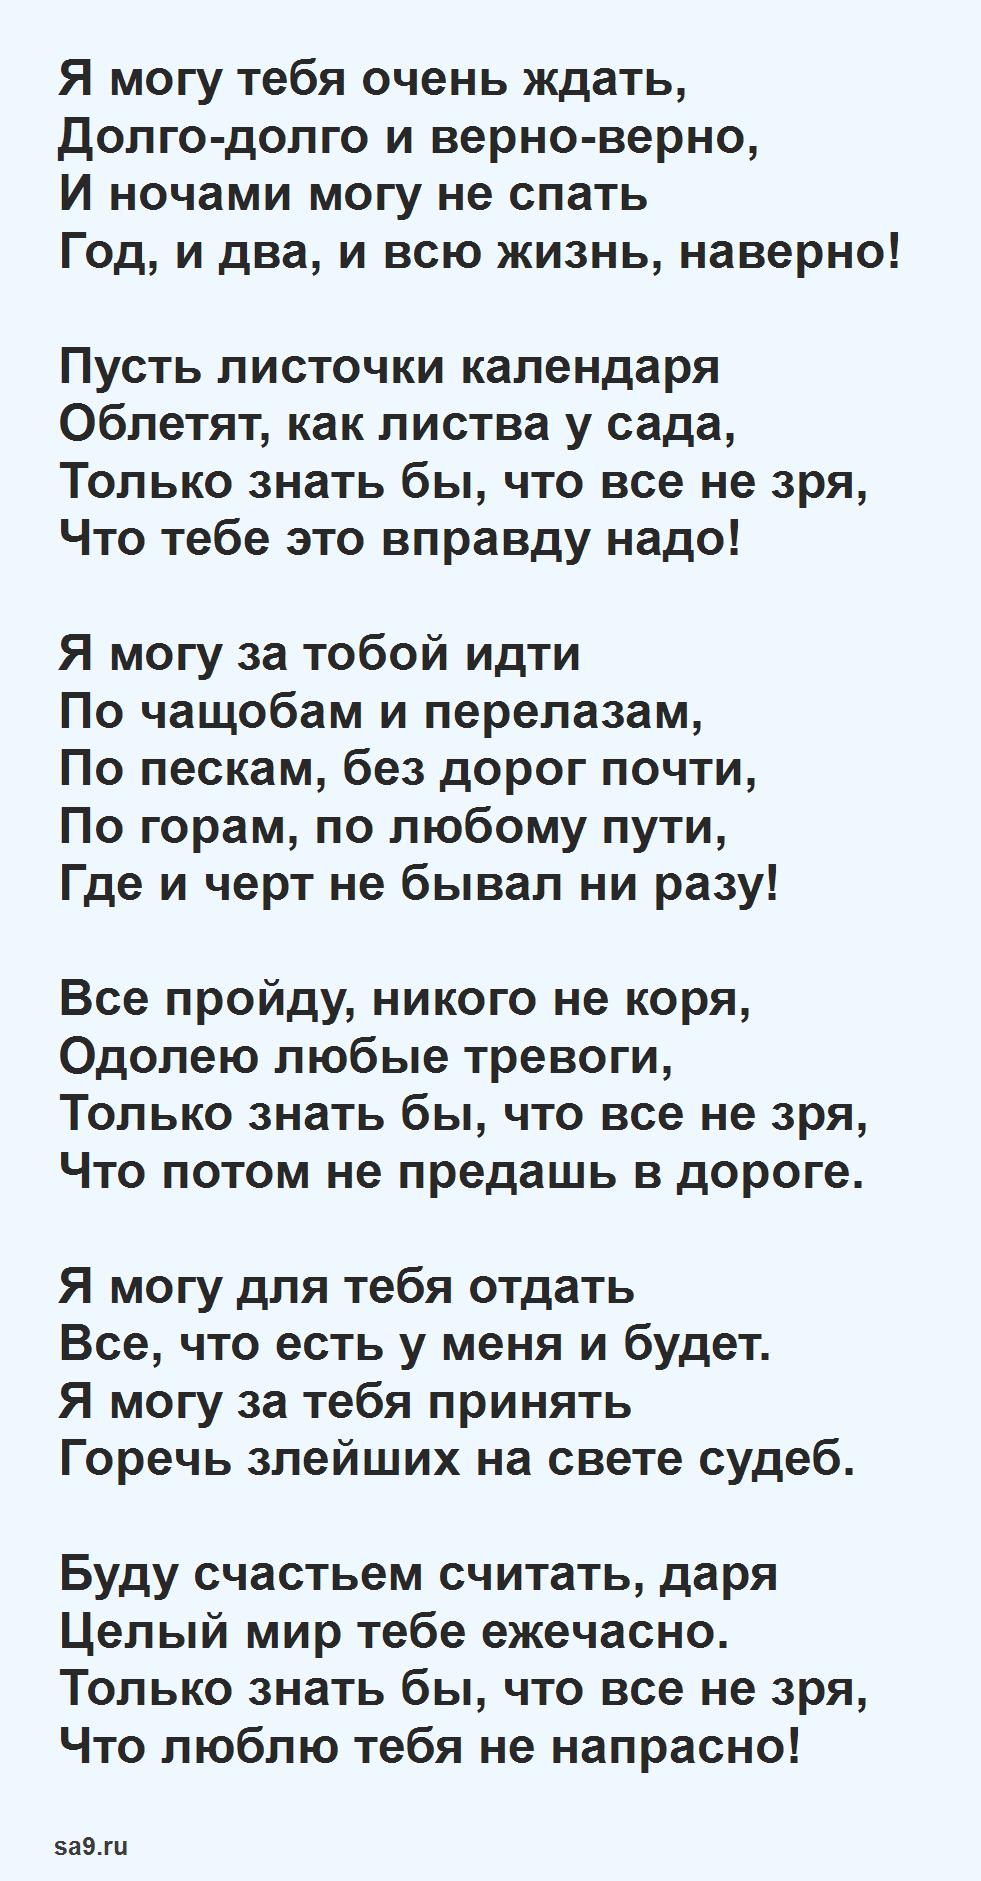 Асадов стихи про любовь поэтов